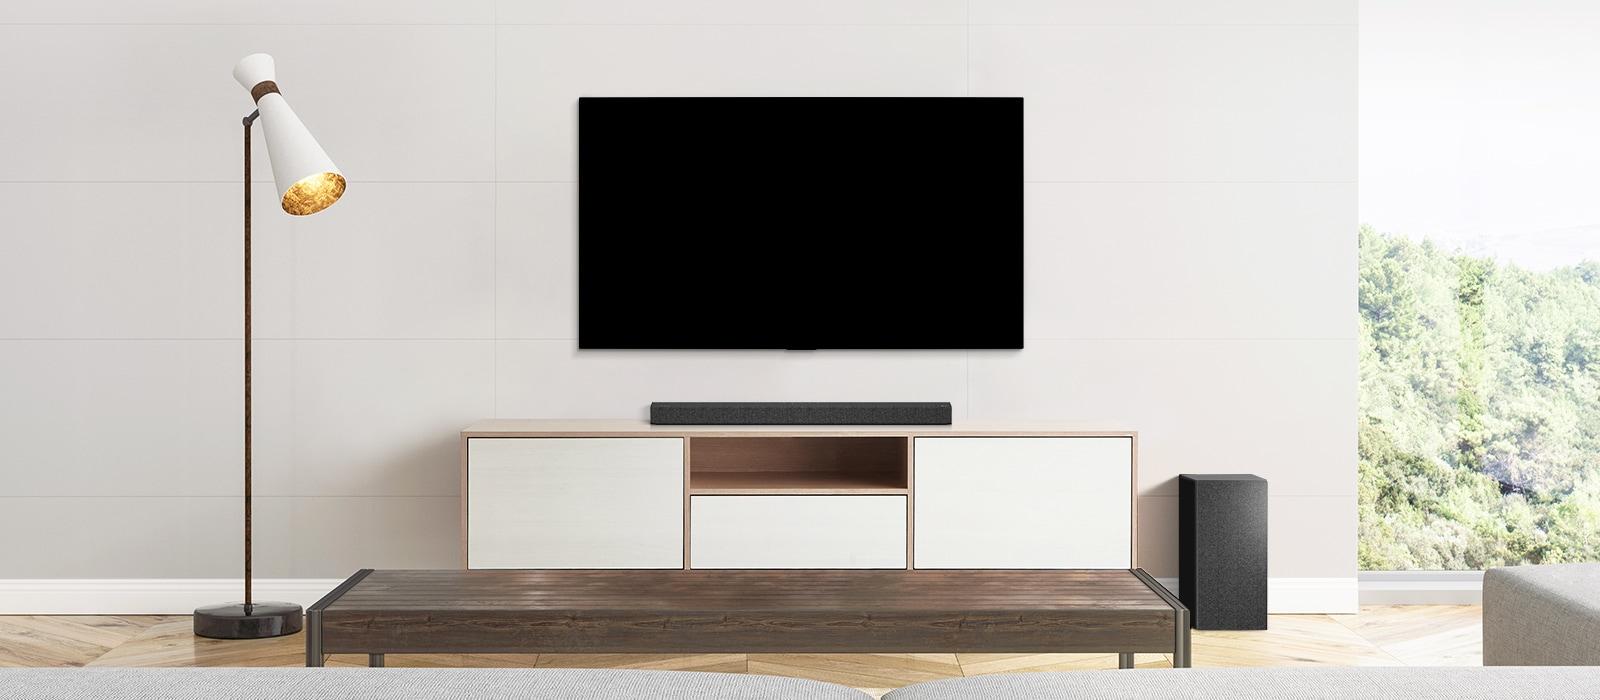 TV, loa soundbar và loa siêu trầm được đặt trong phòng khách đơn giản.